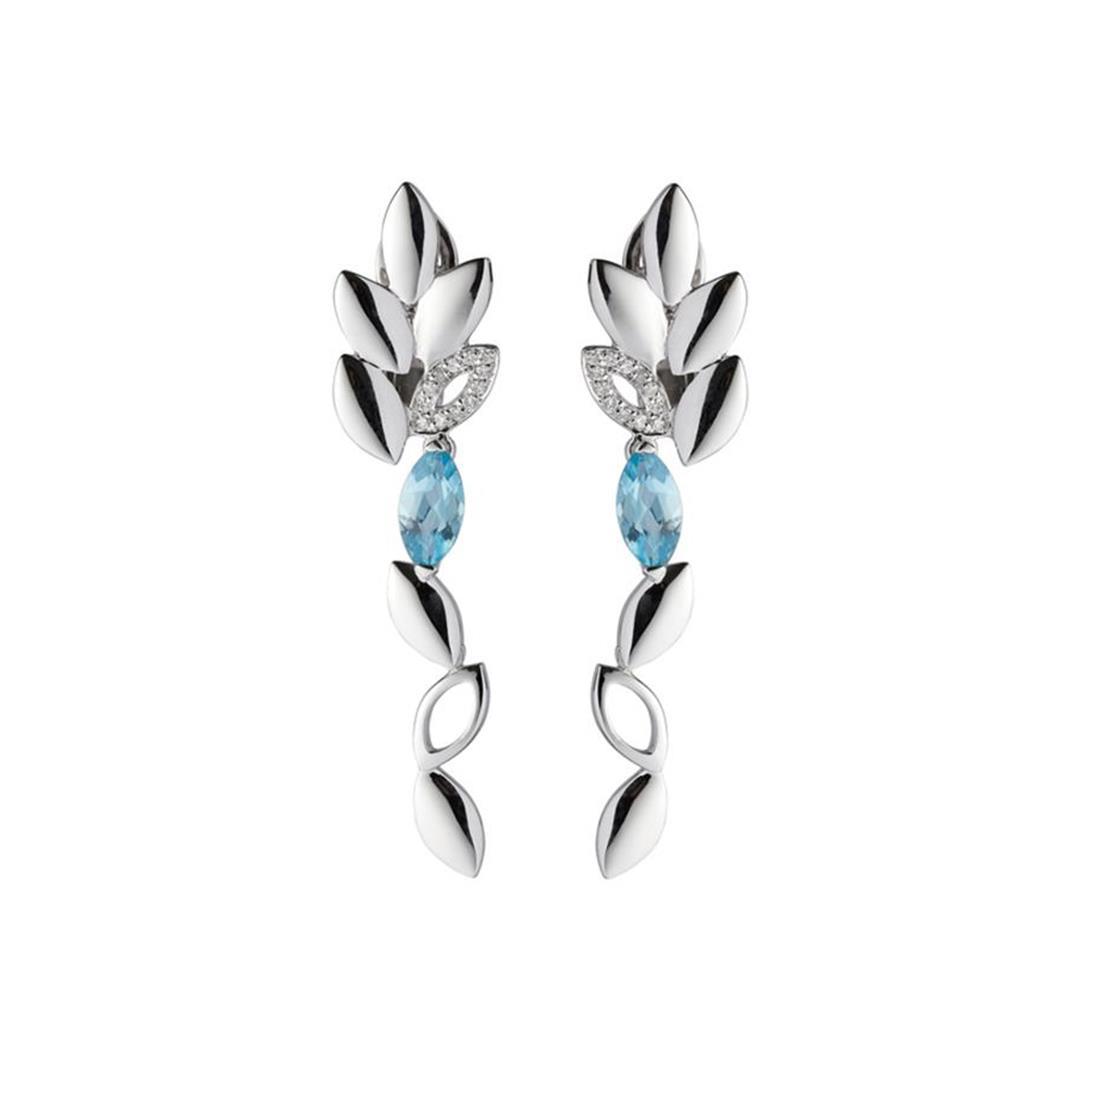 Orecchini in oro bianco con topazi azzurri e diamanti  - ALFIERI & ST. JOHN